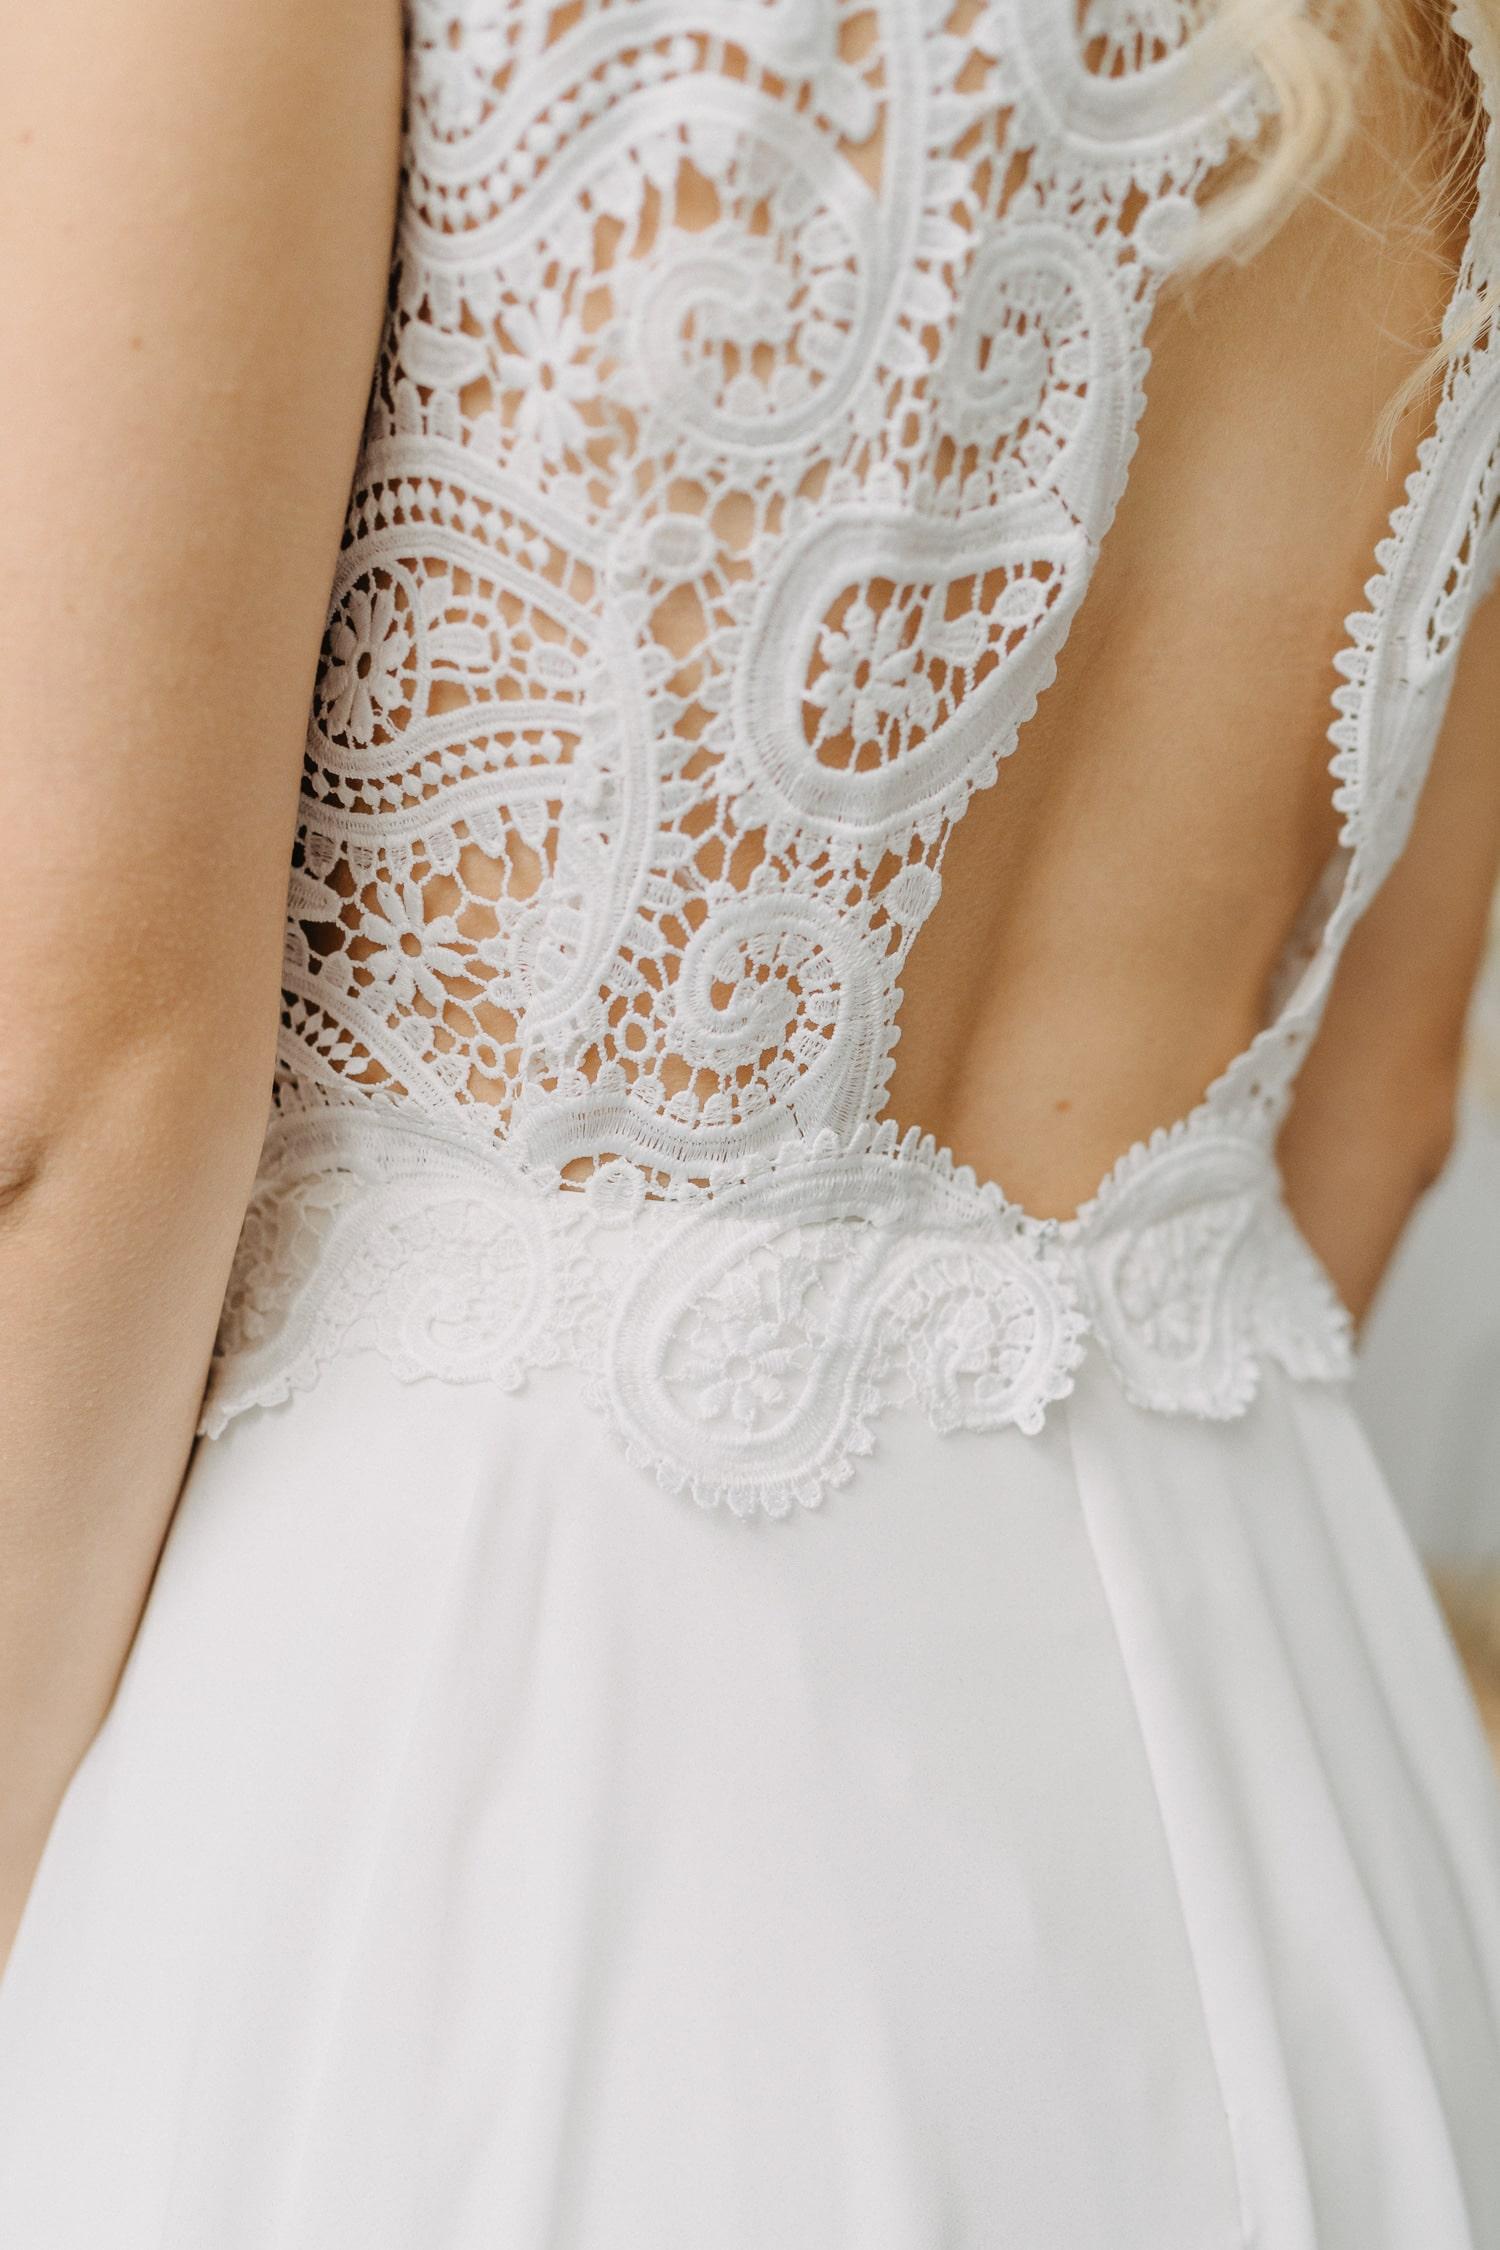 Hochzeitskleid mit Rückenausschnitt – gesehen bei frauimmer-herrewig.de